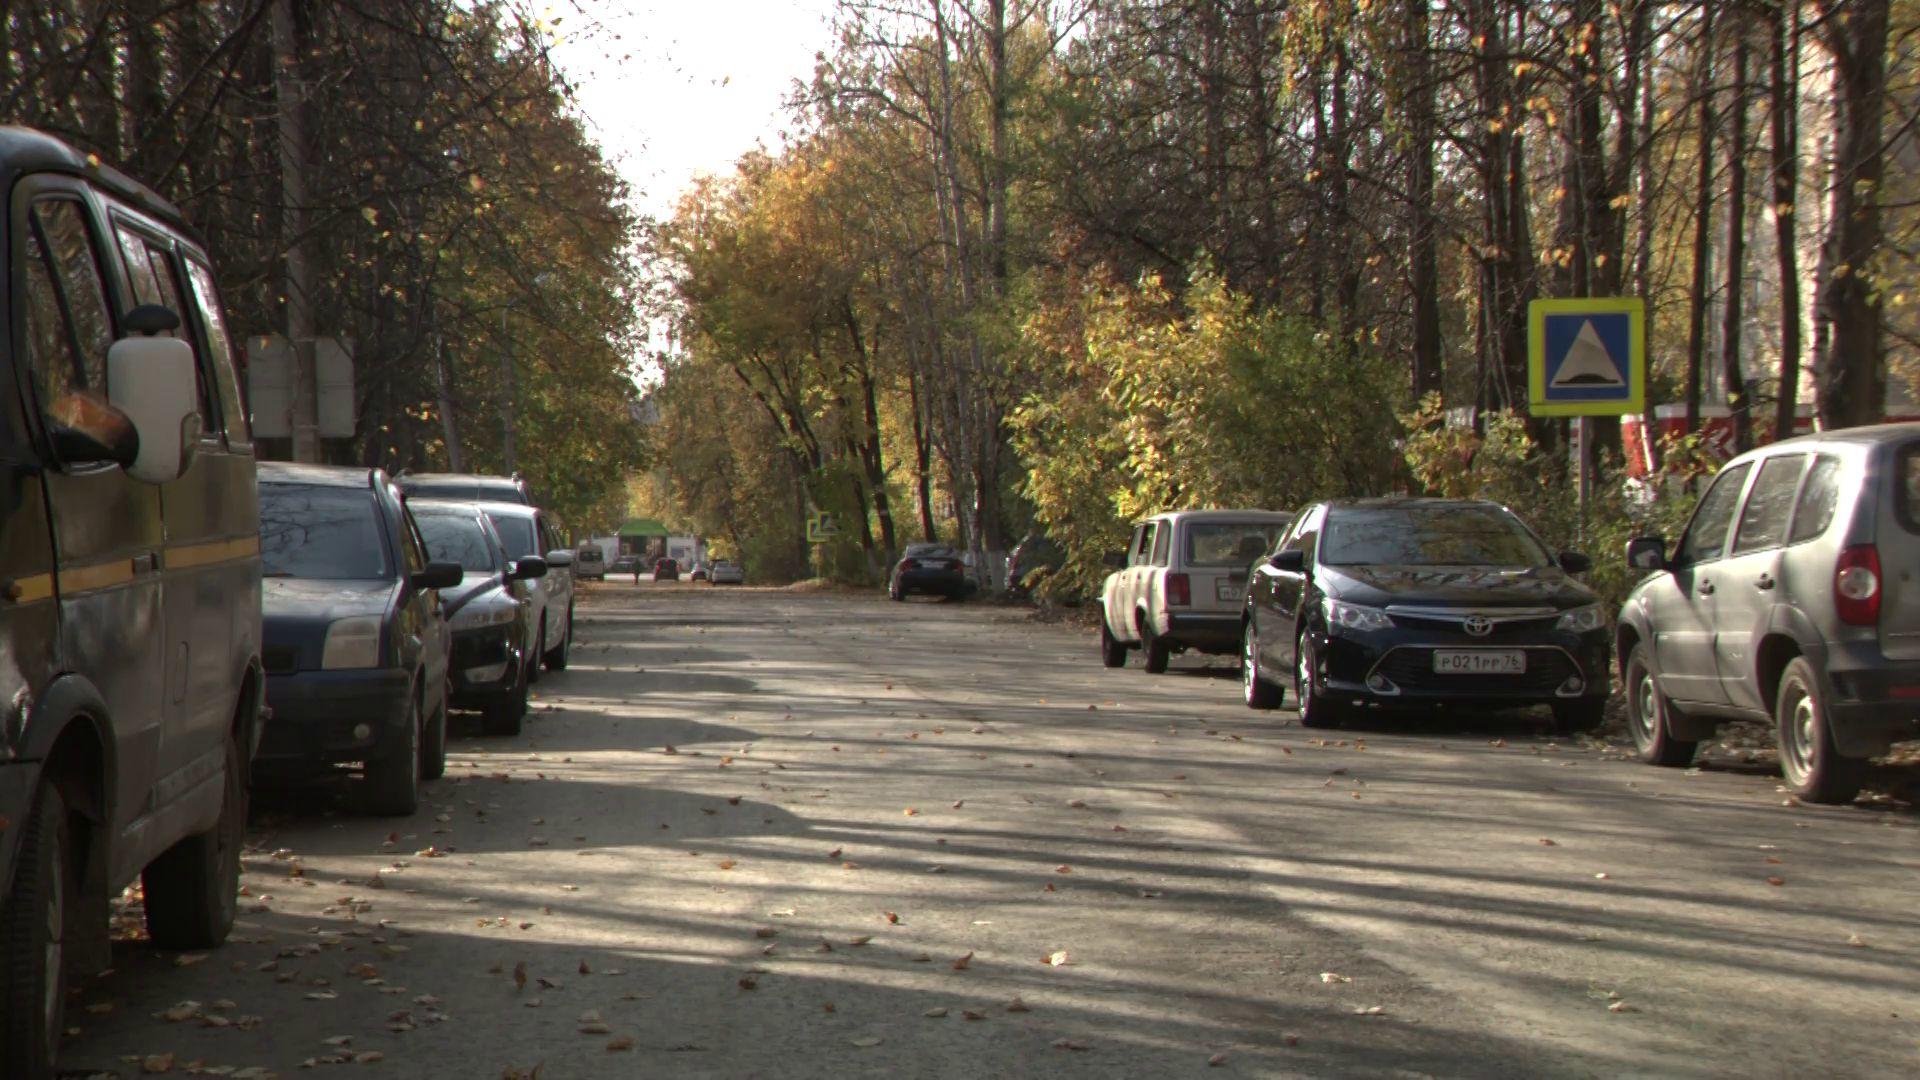 В преддверии Дня пожилого человека в Ярославле дополнительно отремонтировали несколько дорог